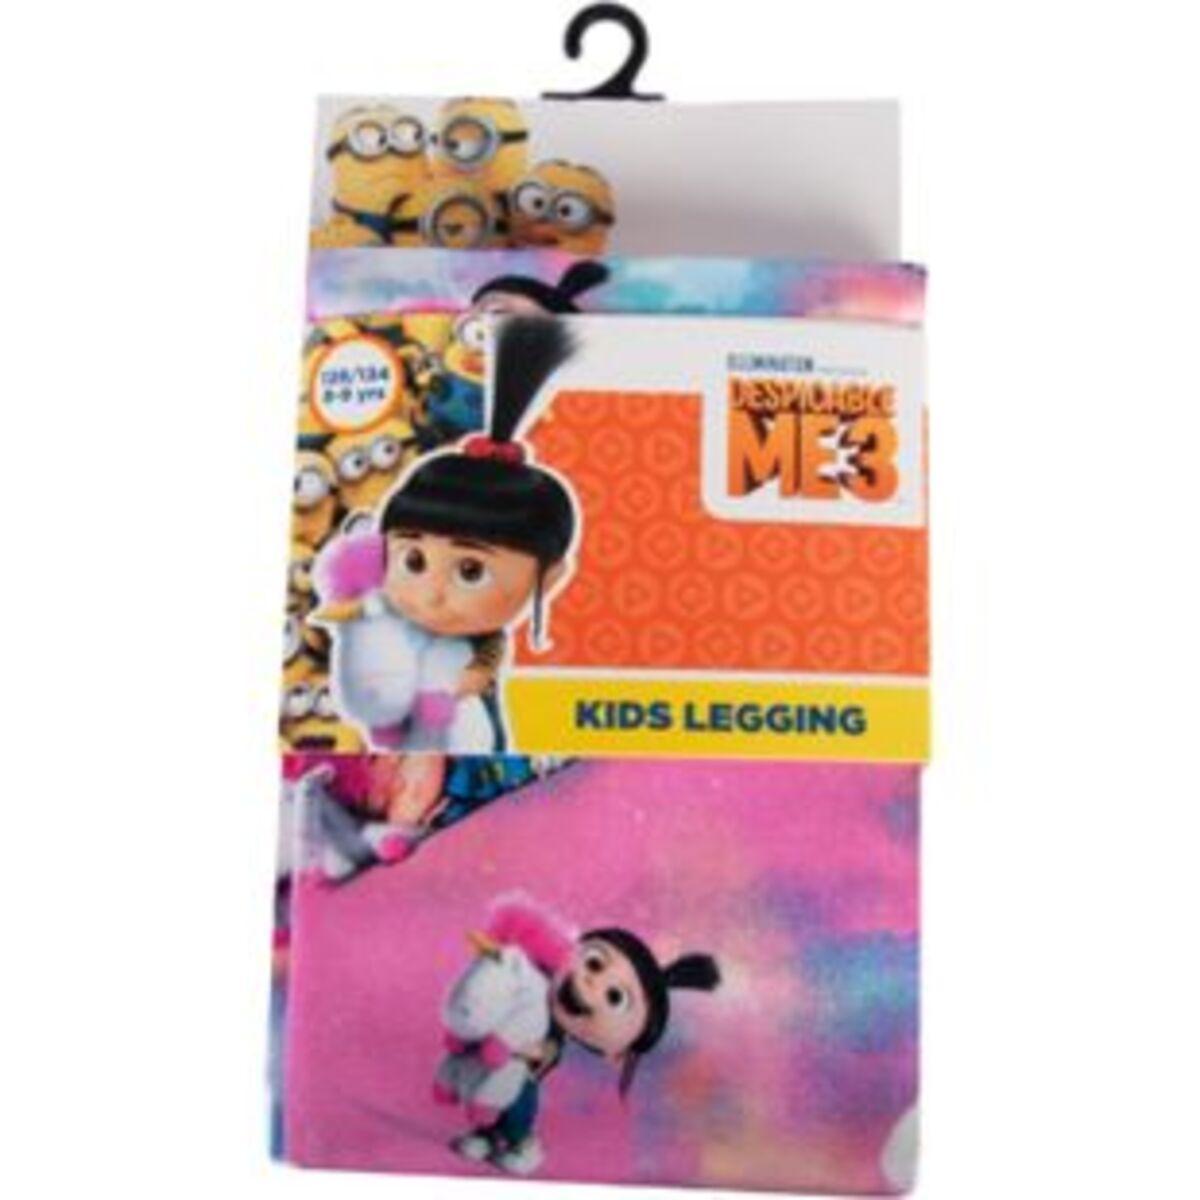 Bild 2 von Kinder Legging